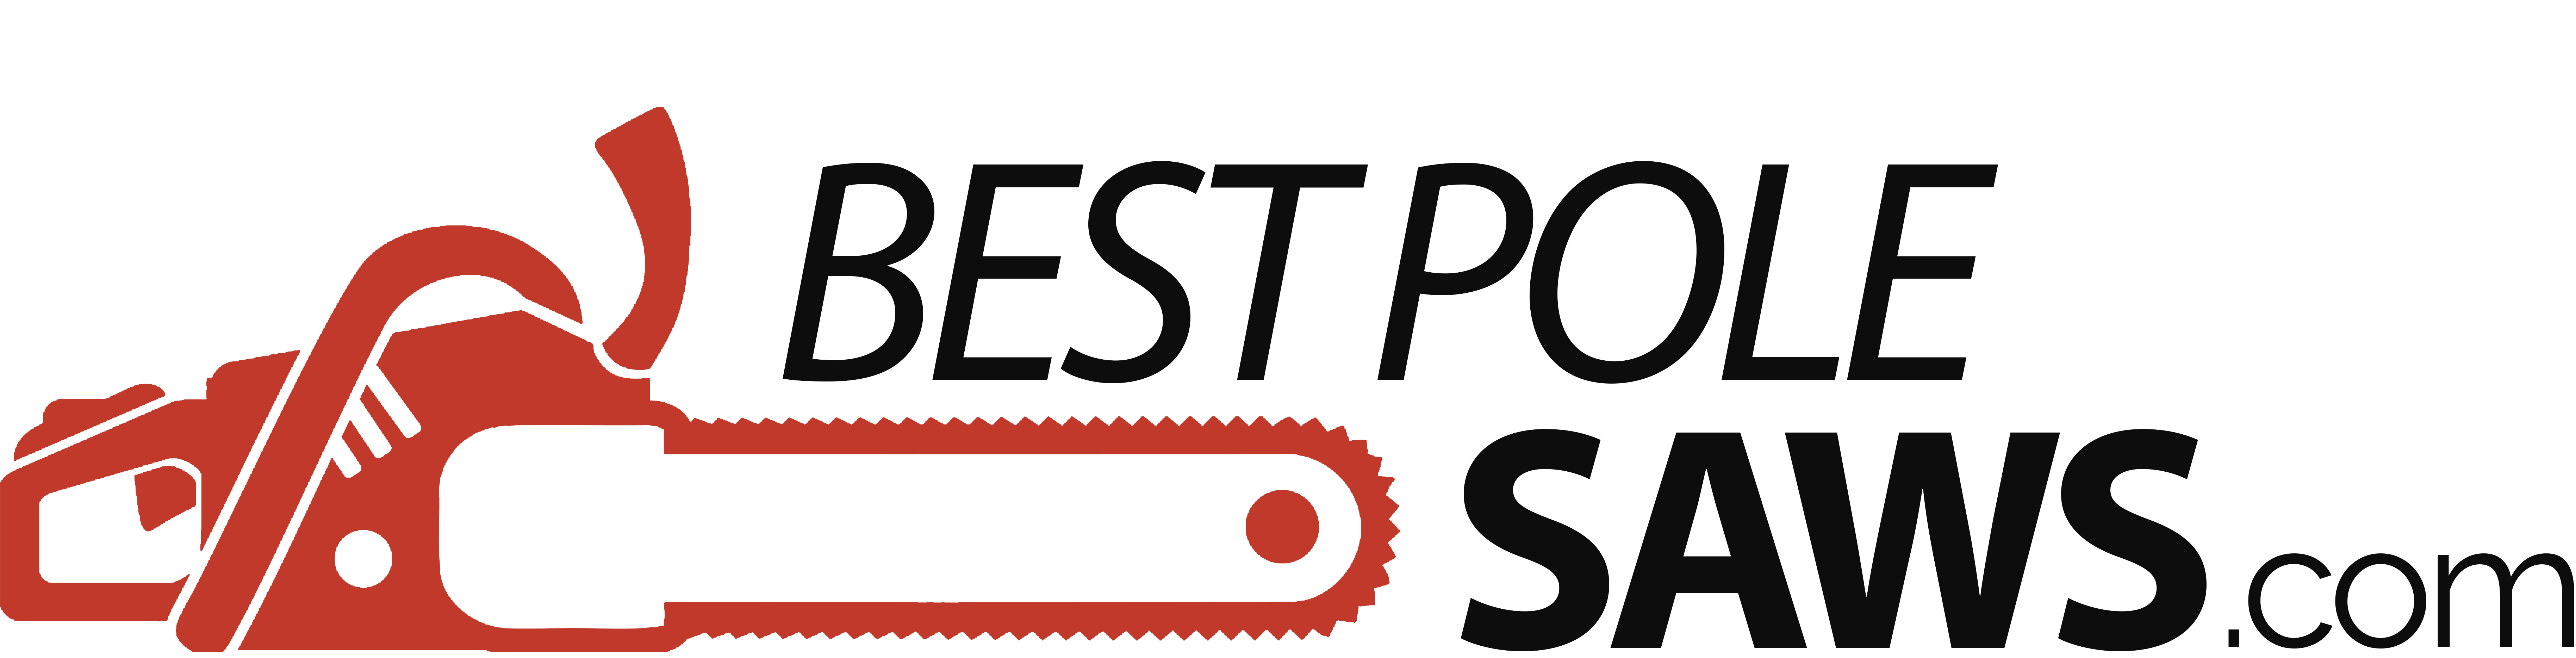 BestPoleSaws.com